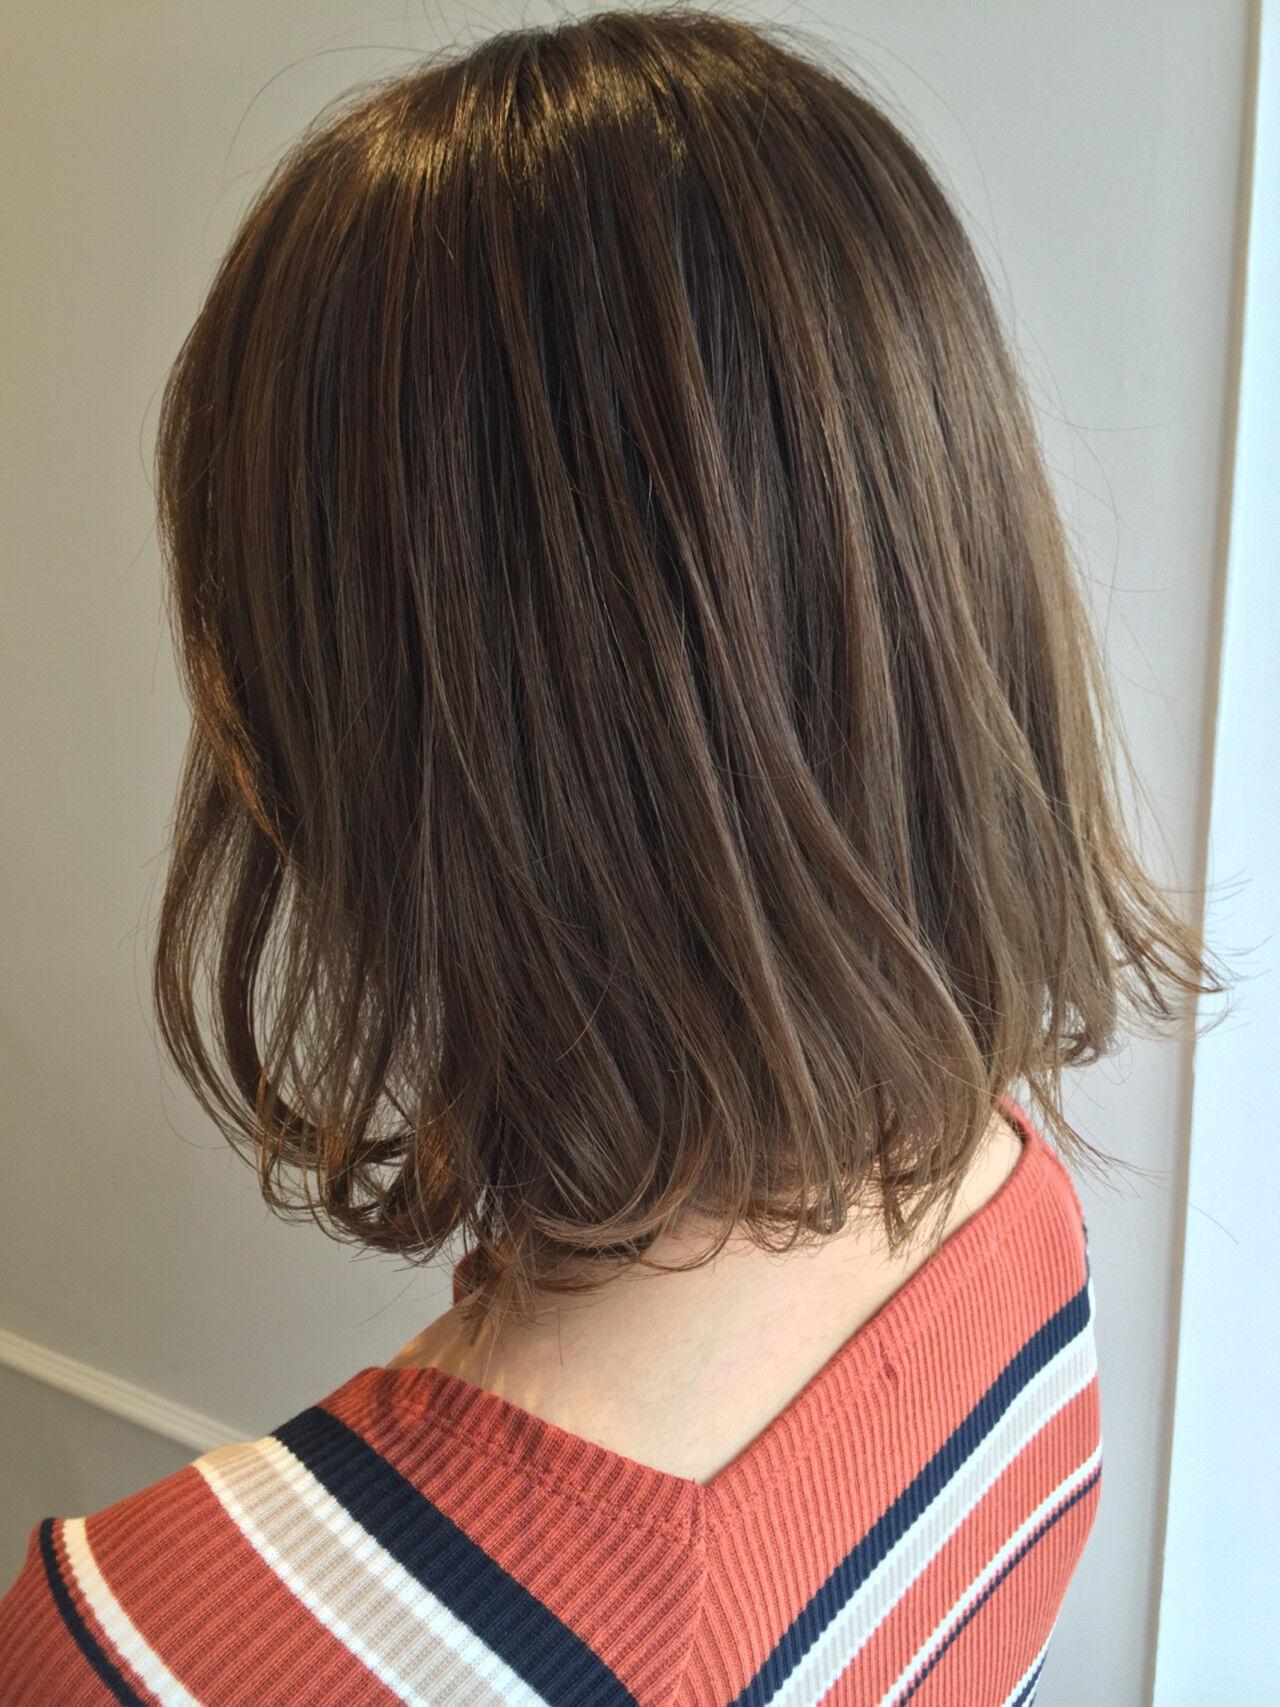 ボブ ミディアム オリーブアッシュ 外ハネヘアスタイルや髪型の写真・画像